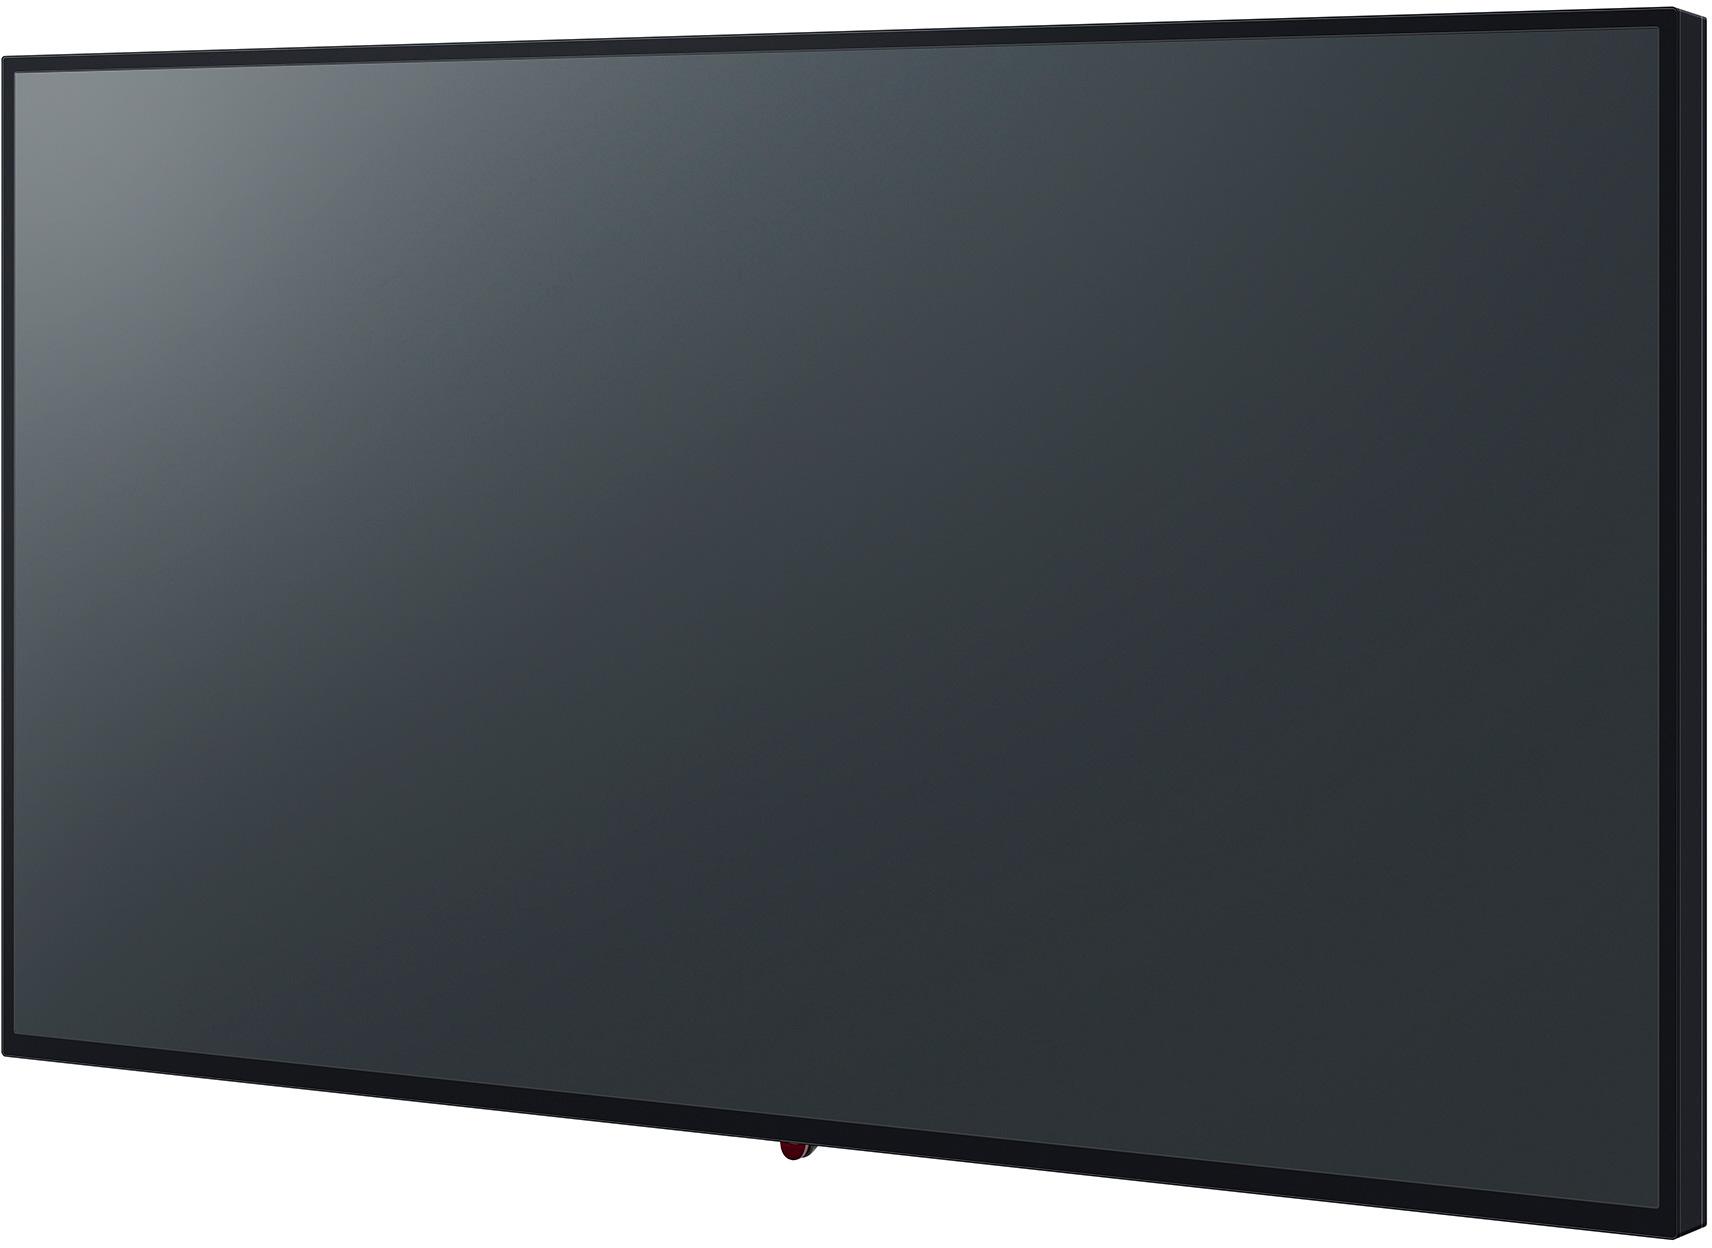 Panasonic TH-65CQE1W 65-Inch 4K UHD CQ1 Series LCD TV - 3840 x 2160 - 400 cd/m2 - 5000:1  TH-65CQE1W